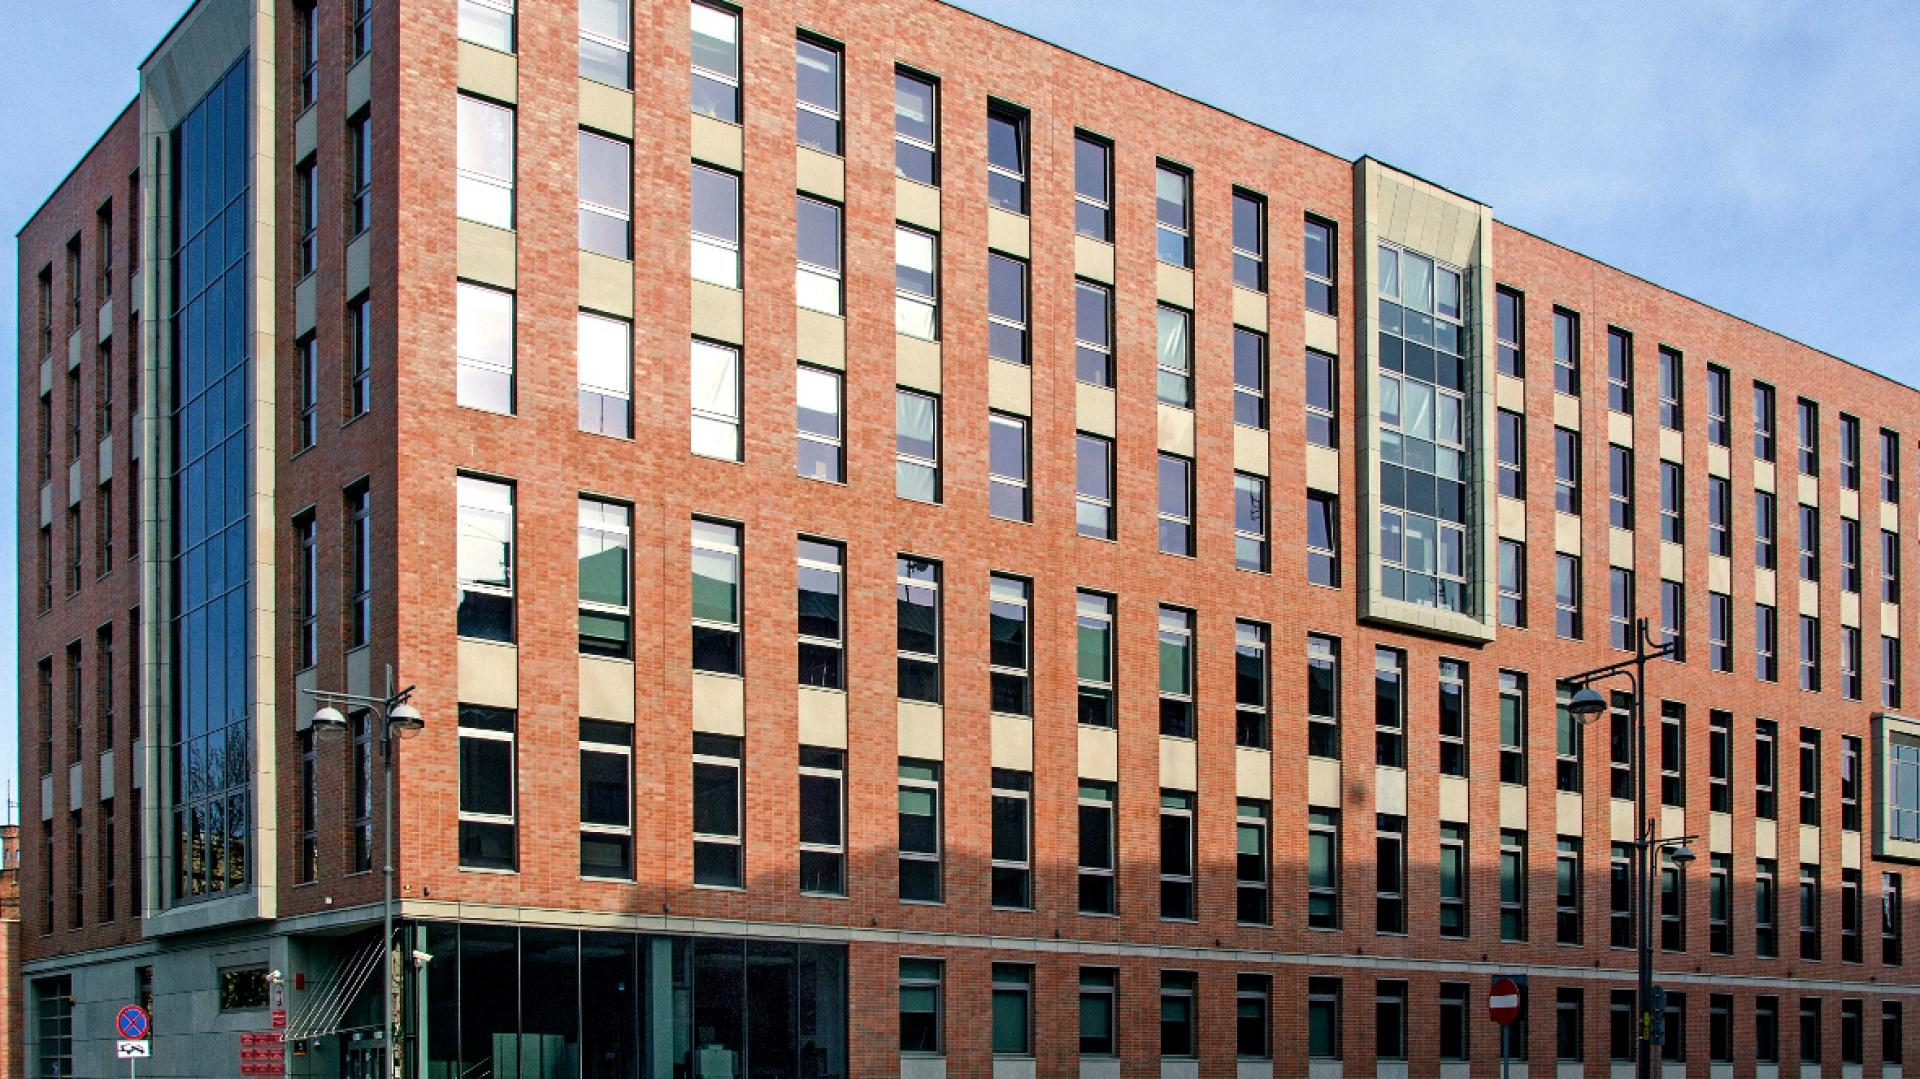 Nowa siedziba Sądu Rejonowego Wrocław-Fabryczna ma powierzchnię 6.570 m2 oraz siedem kondygnacji: podziemie, parter i pięć pięter. W piwnicy znajduje się archiwum z przesuwnymi szafami, których regały pomieszczą ponad 9,8 tys. metrów bieżących akt. Fot. Röben